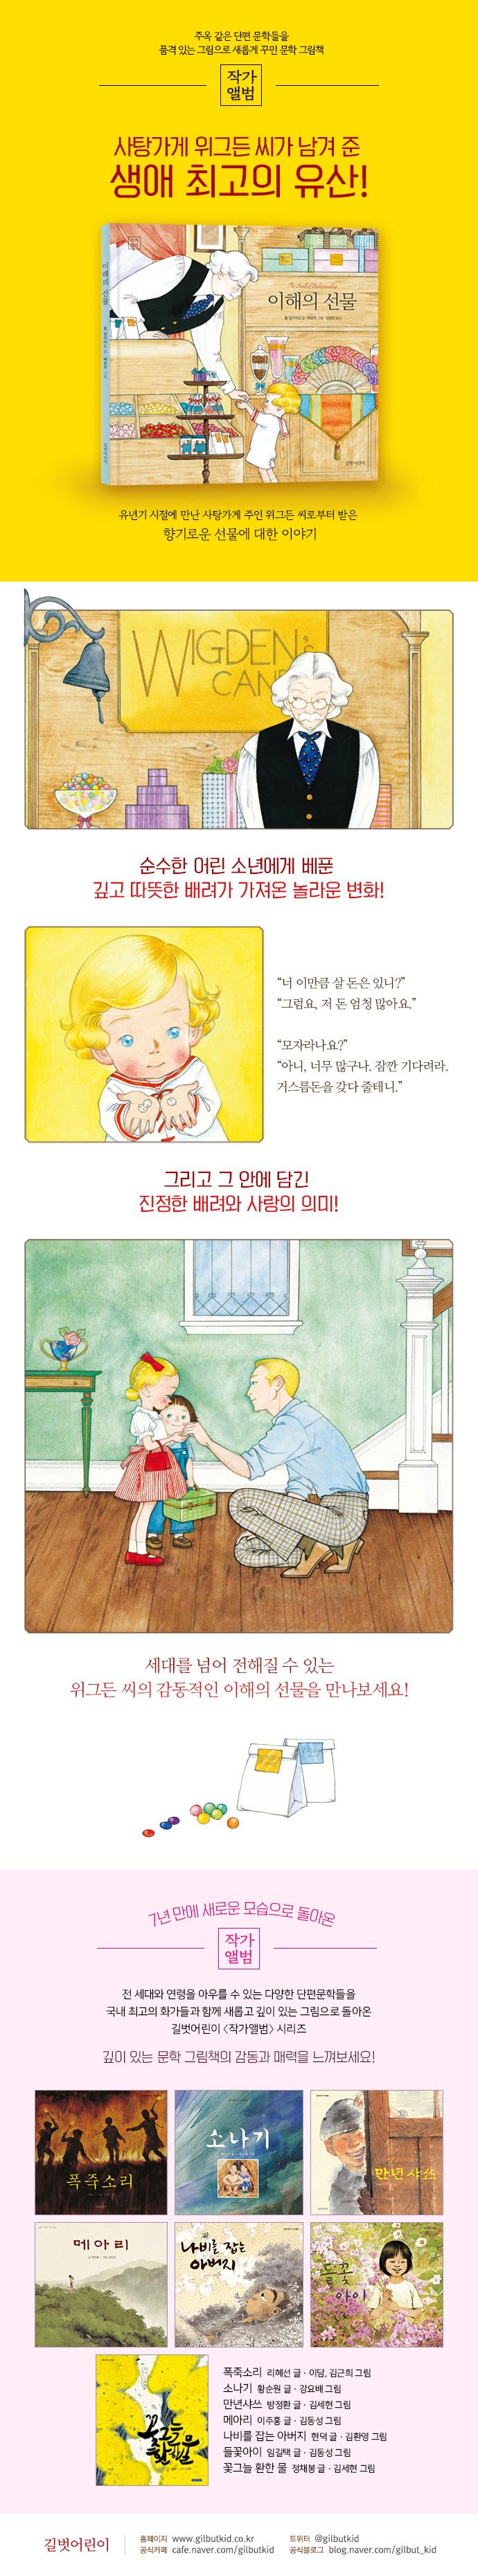 이해의 선물(길벗어린이 작가앨범 8)(양장본 HardCover) 도서 상세이미지